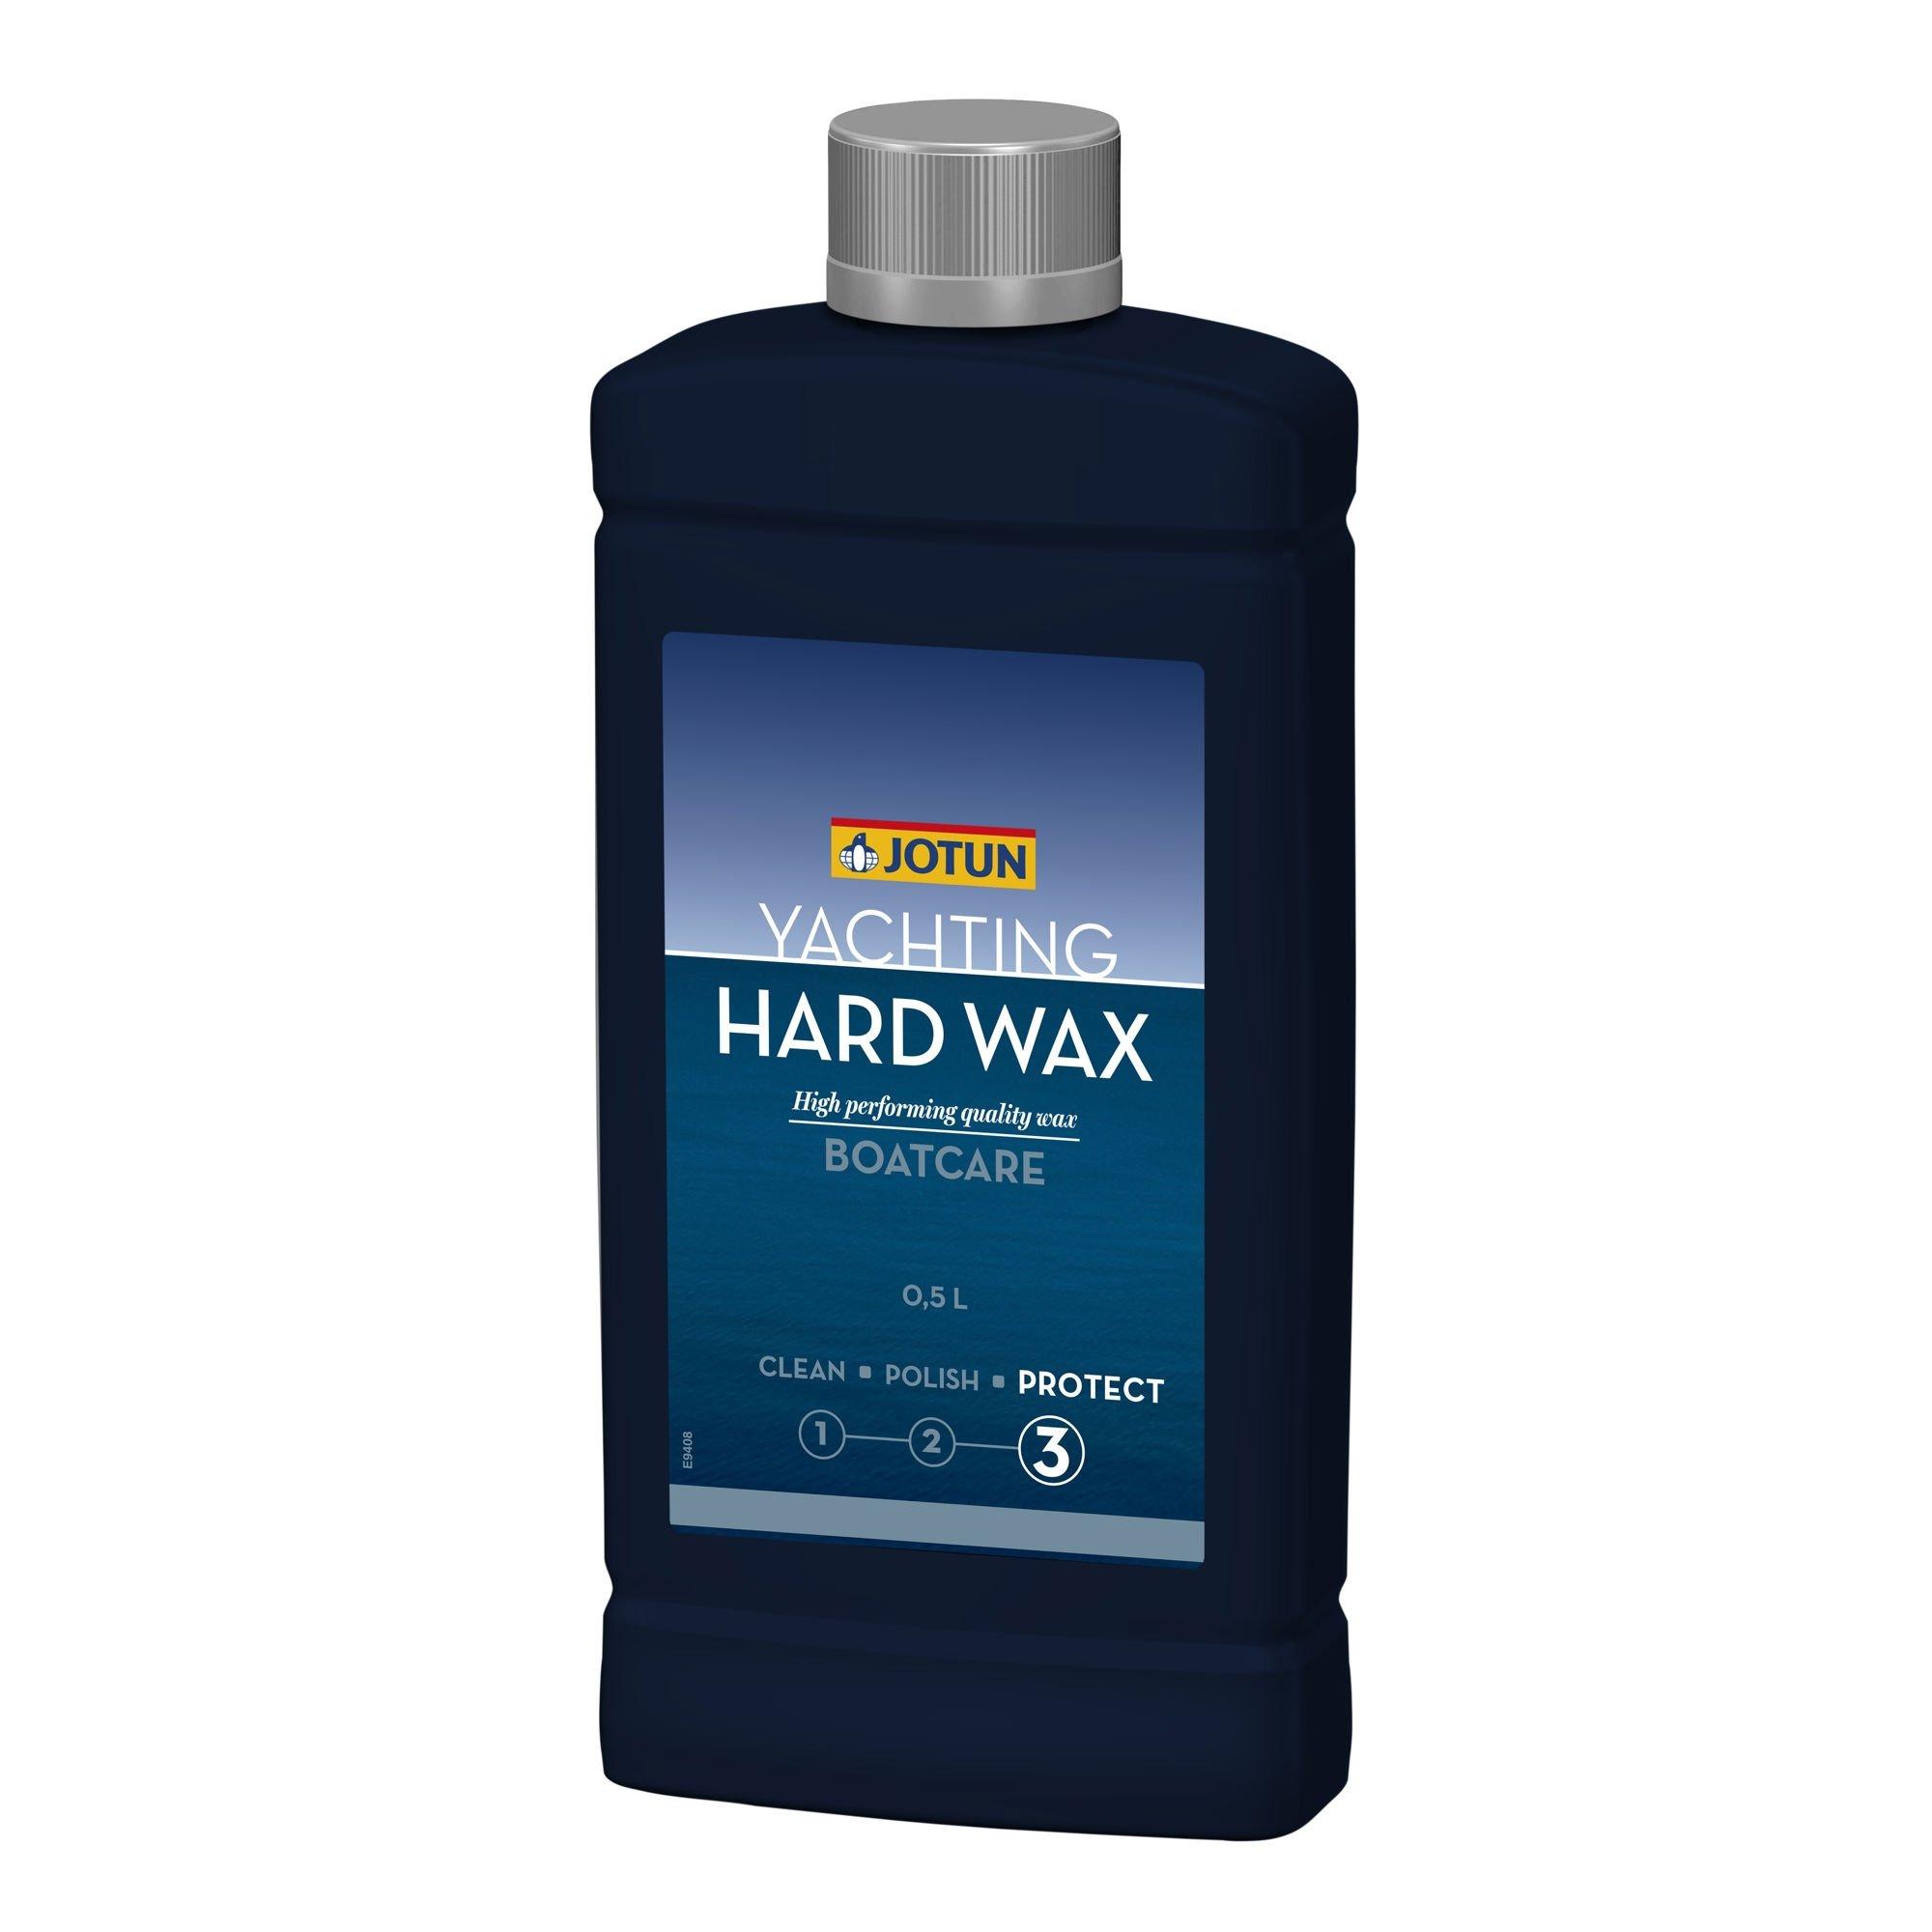 Yachting Hard Wax